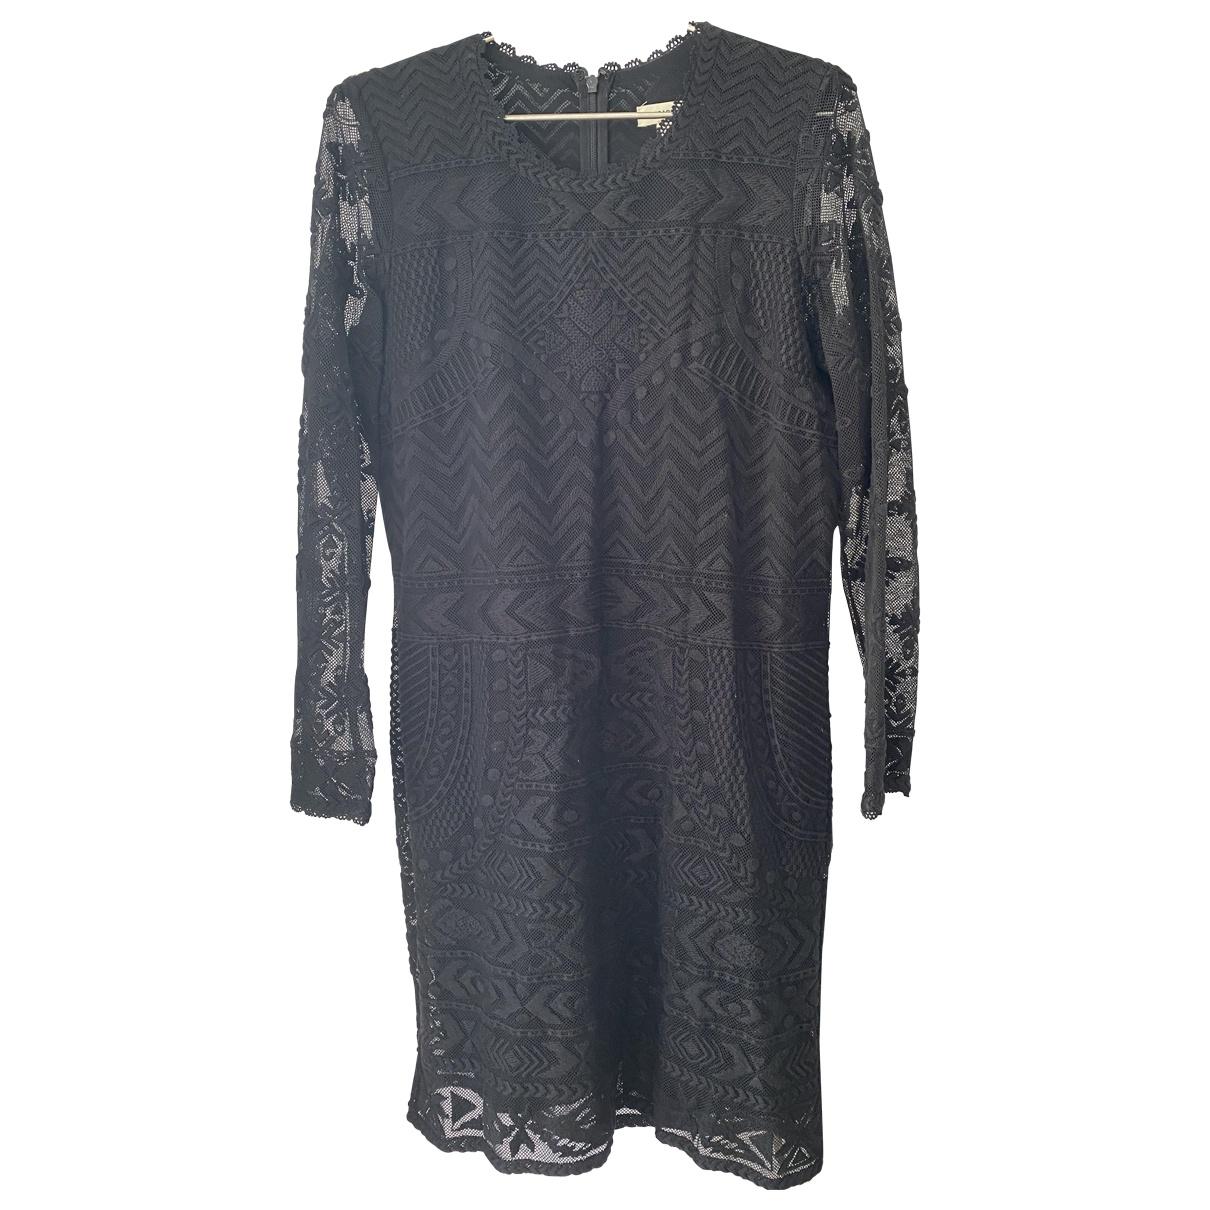 Isabel Marant Pour H&m \N Black Cotton dress for Women 42 FR